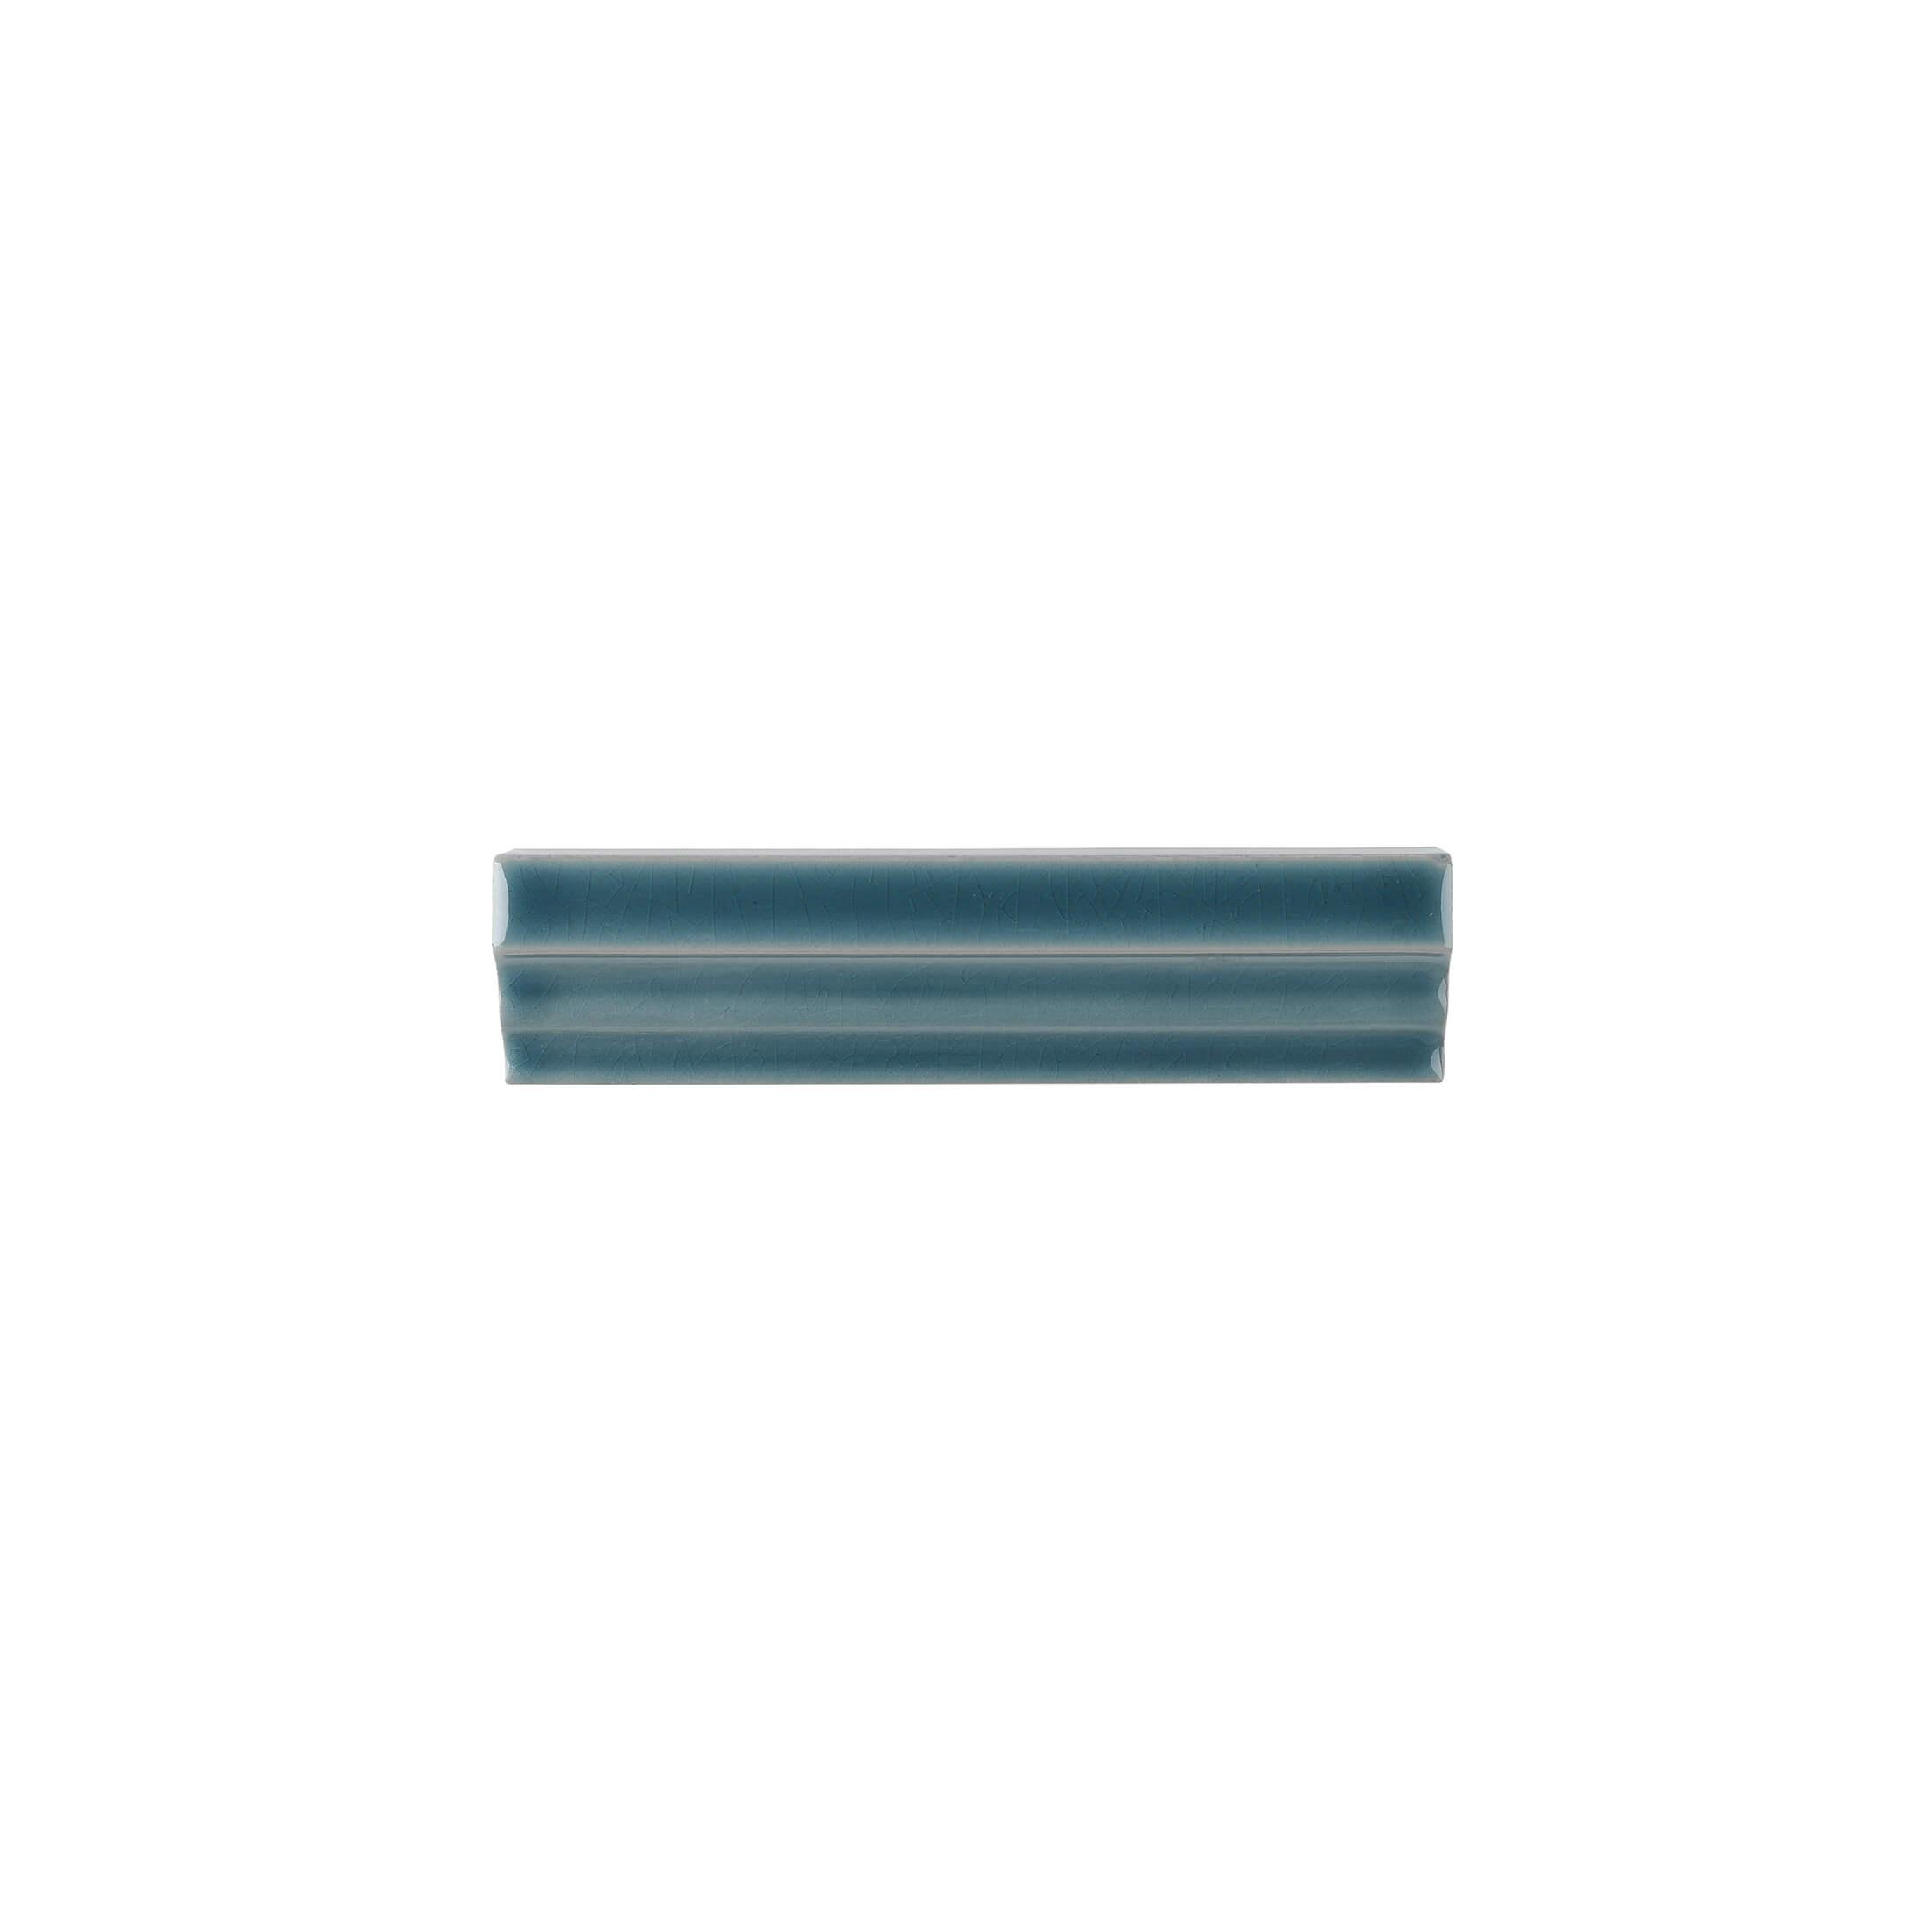 ADMO5225 - CORNISA CLASICA C/C - 3.5 cm X 15 cm